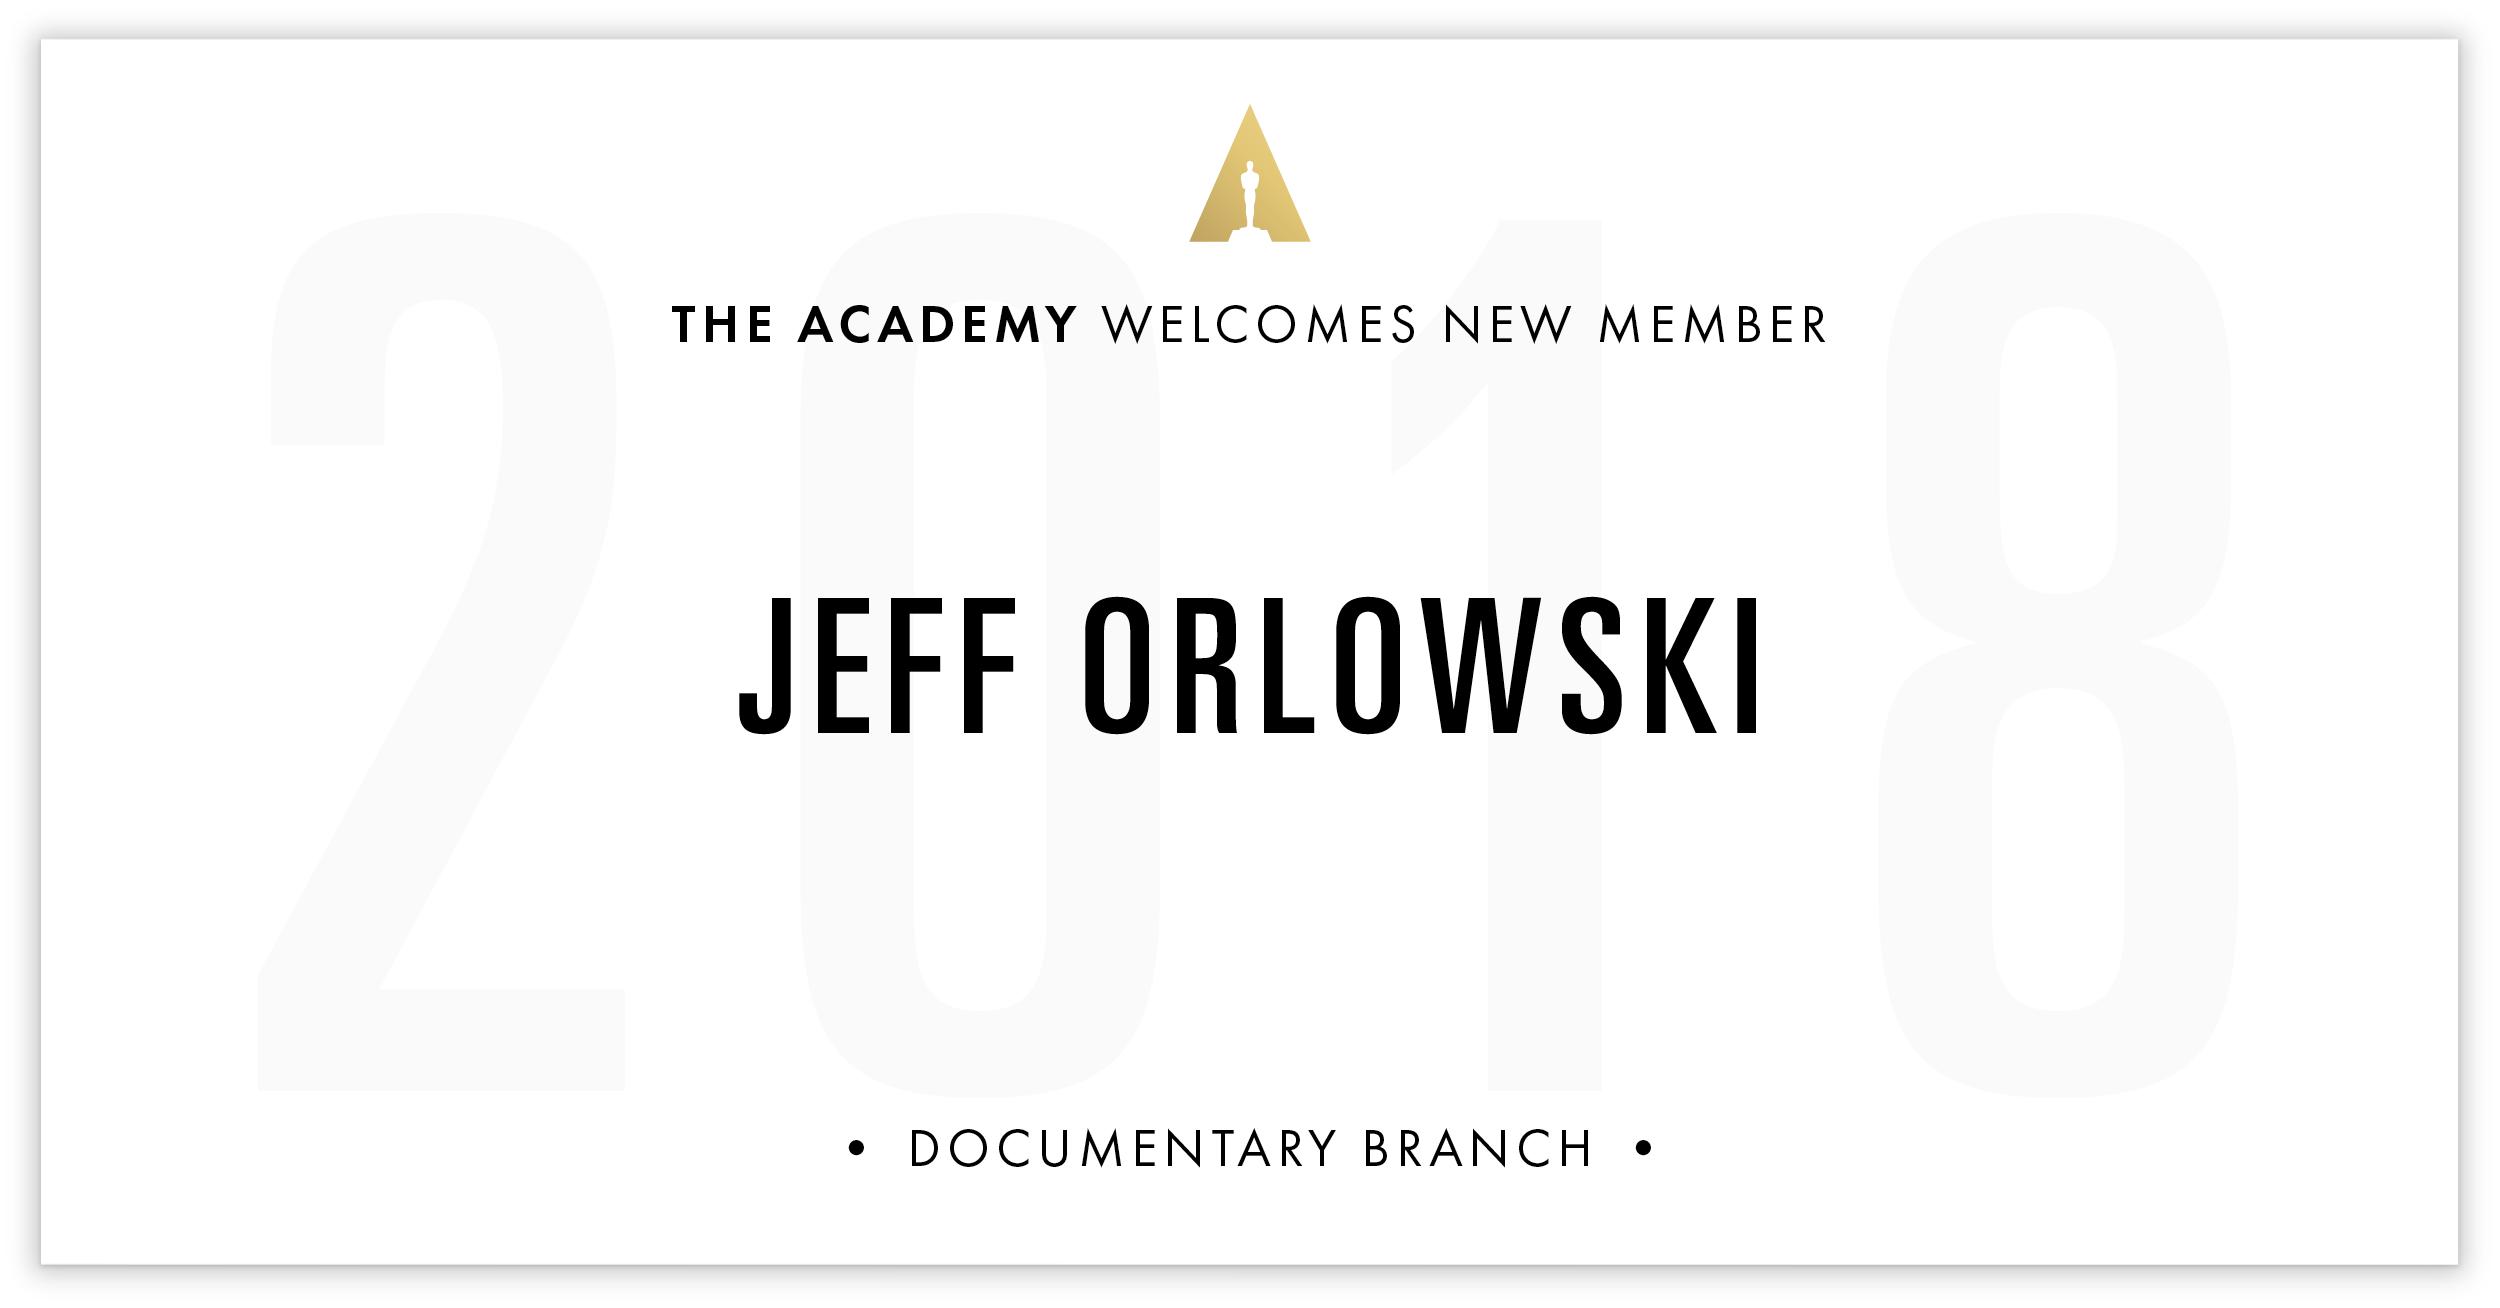 Jeff Orlowski is invited!